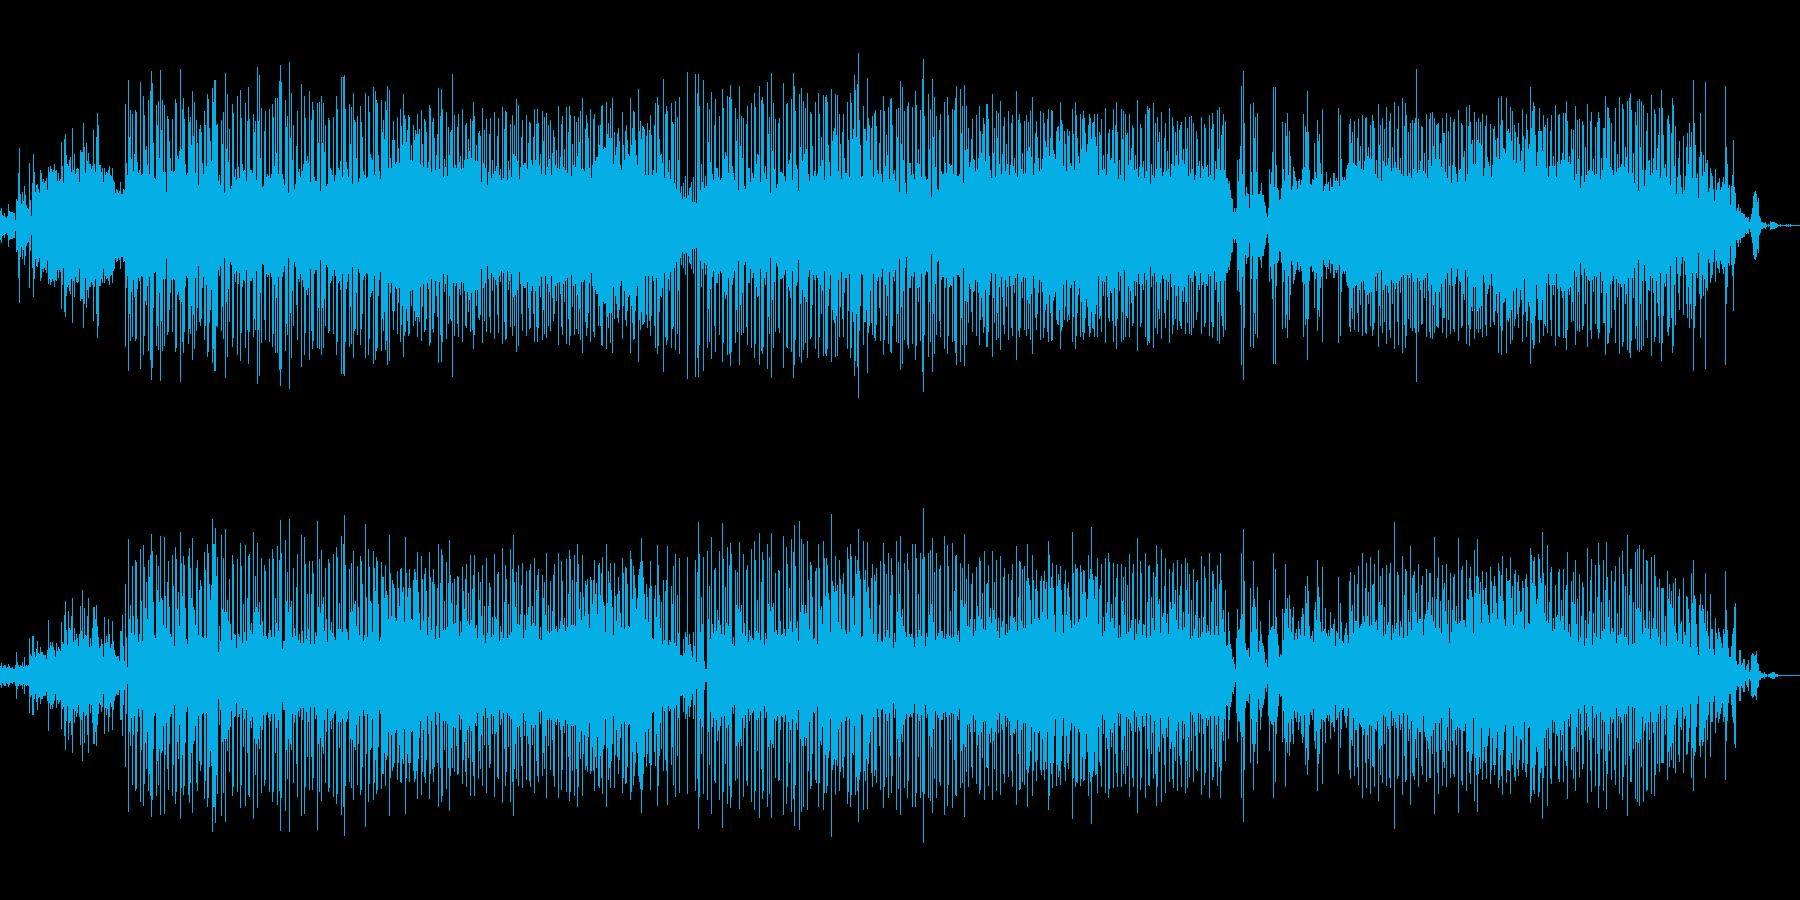 綺麗な雰囲気のピアノR&B調サウンドの再生済みの波形